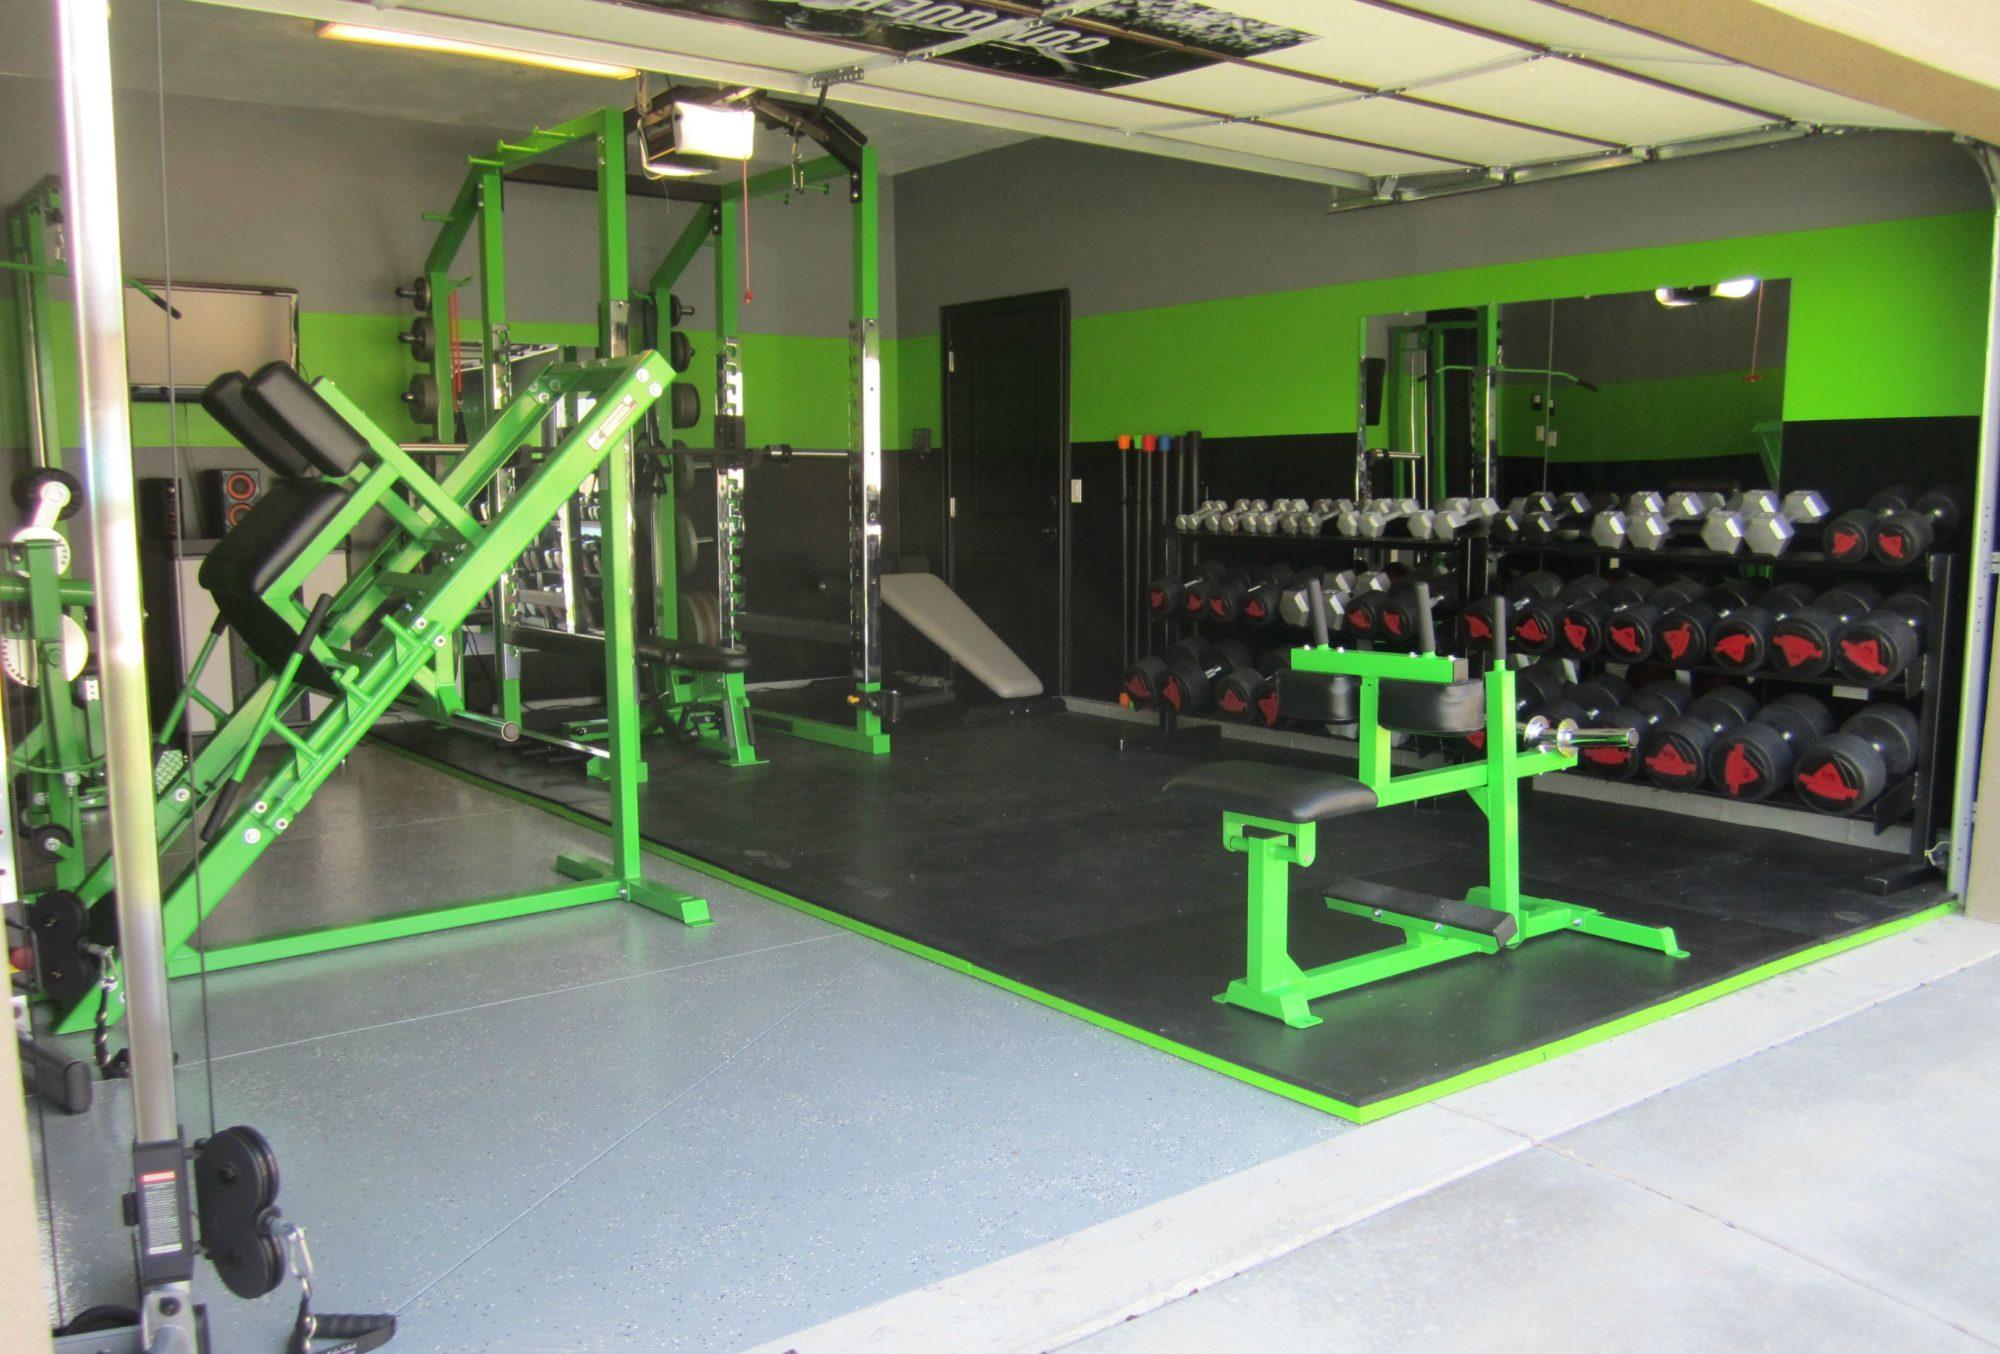 Домашний спортзал. Как сделать тренажерный зал в частном 100